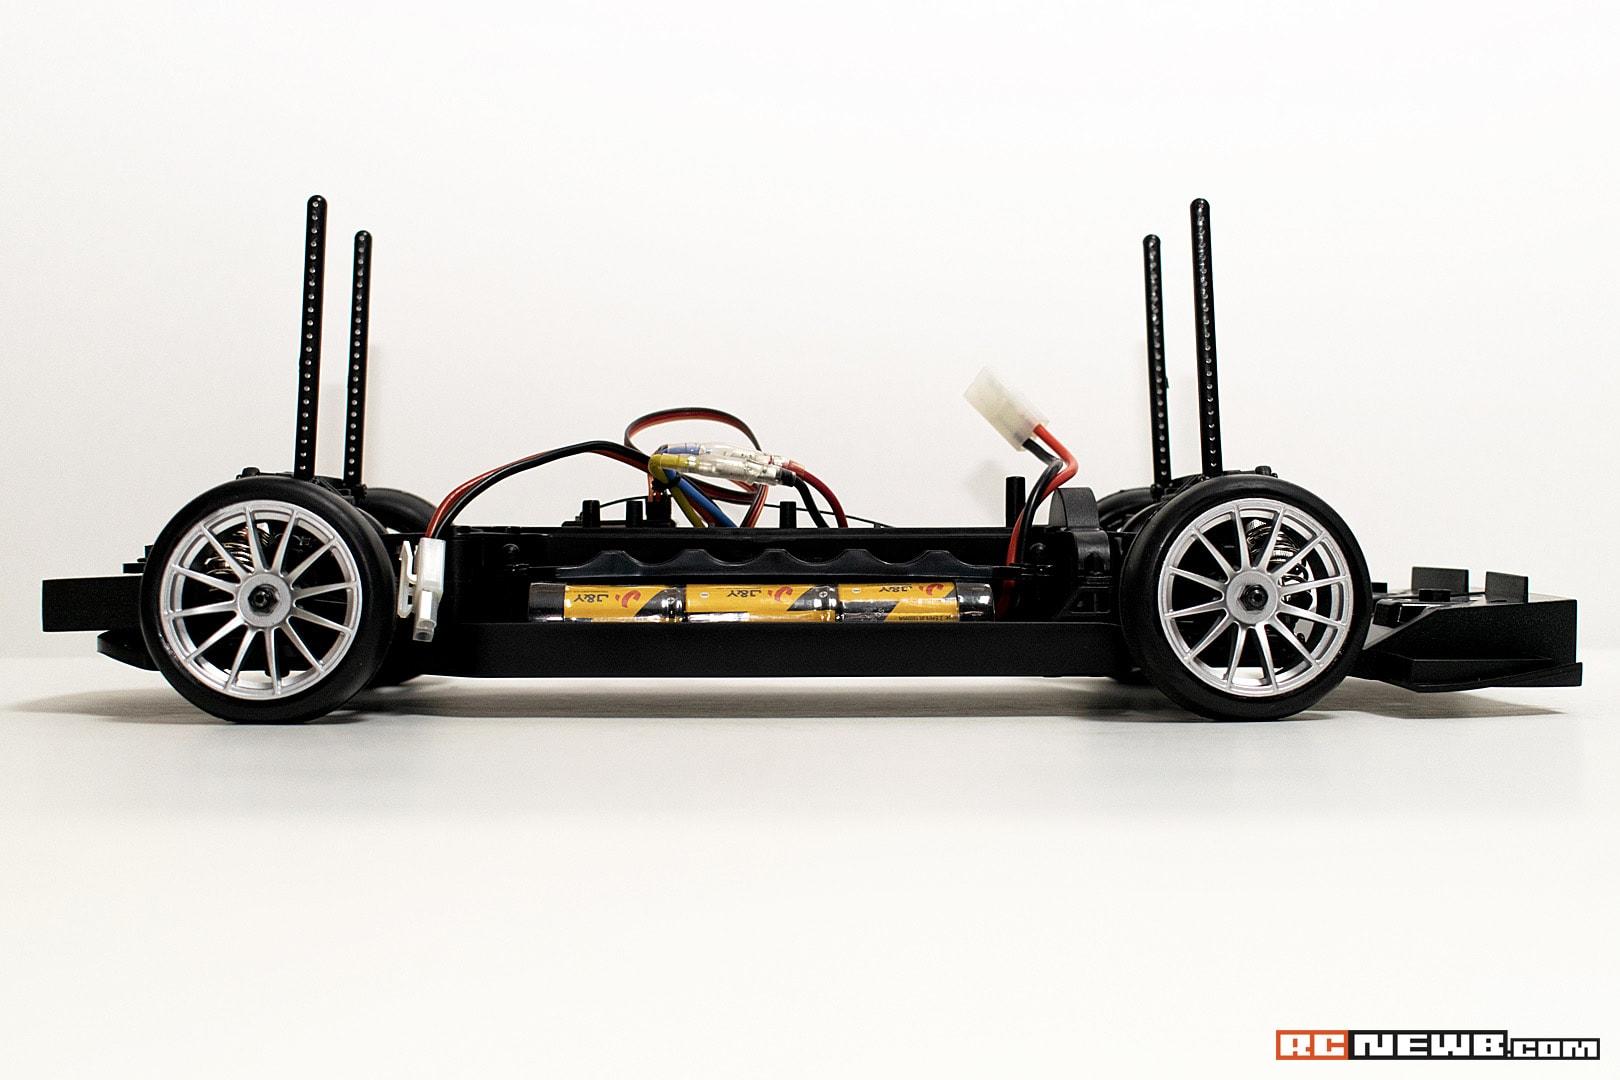 Carisma M40S Kit Build - 29